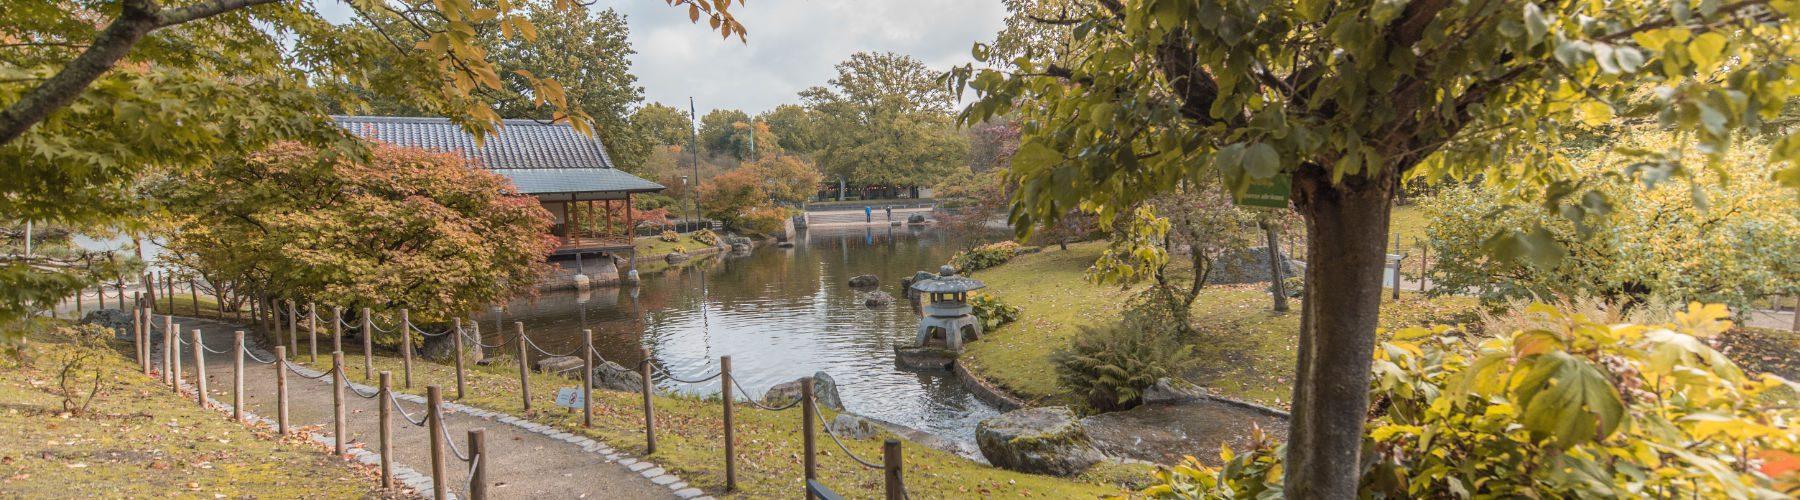 Japanse Tuin in Hasselt: Info, fotos en mijn ervaring